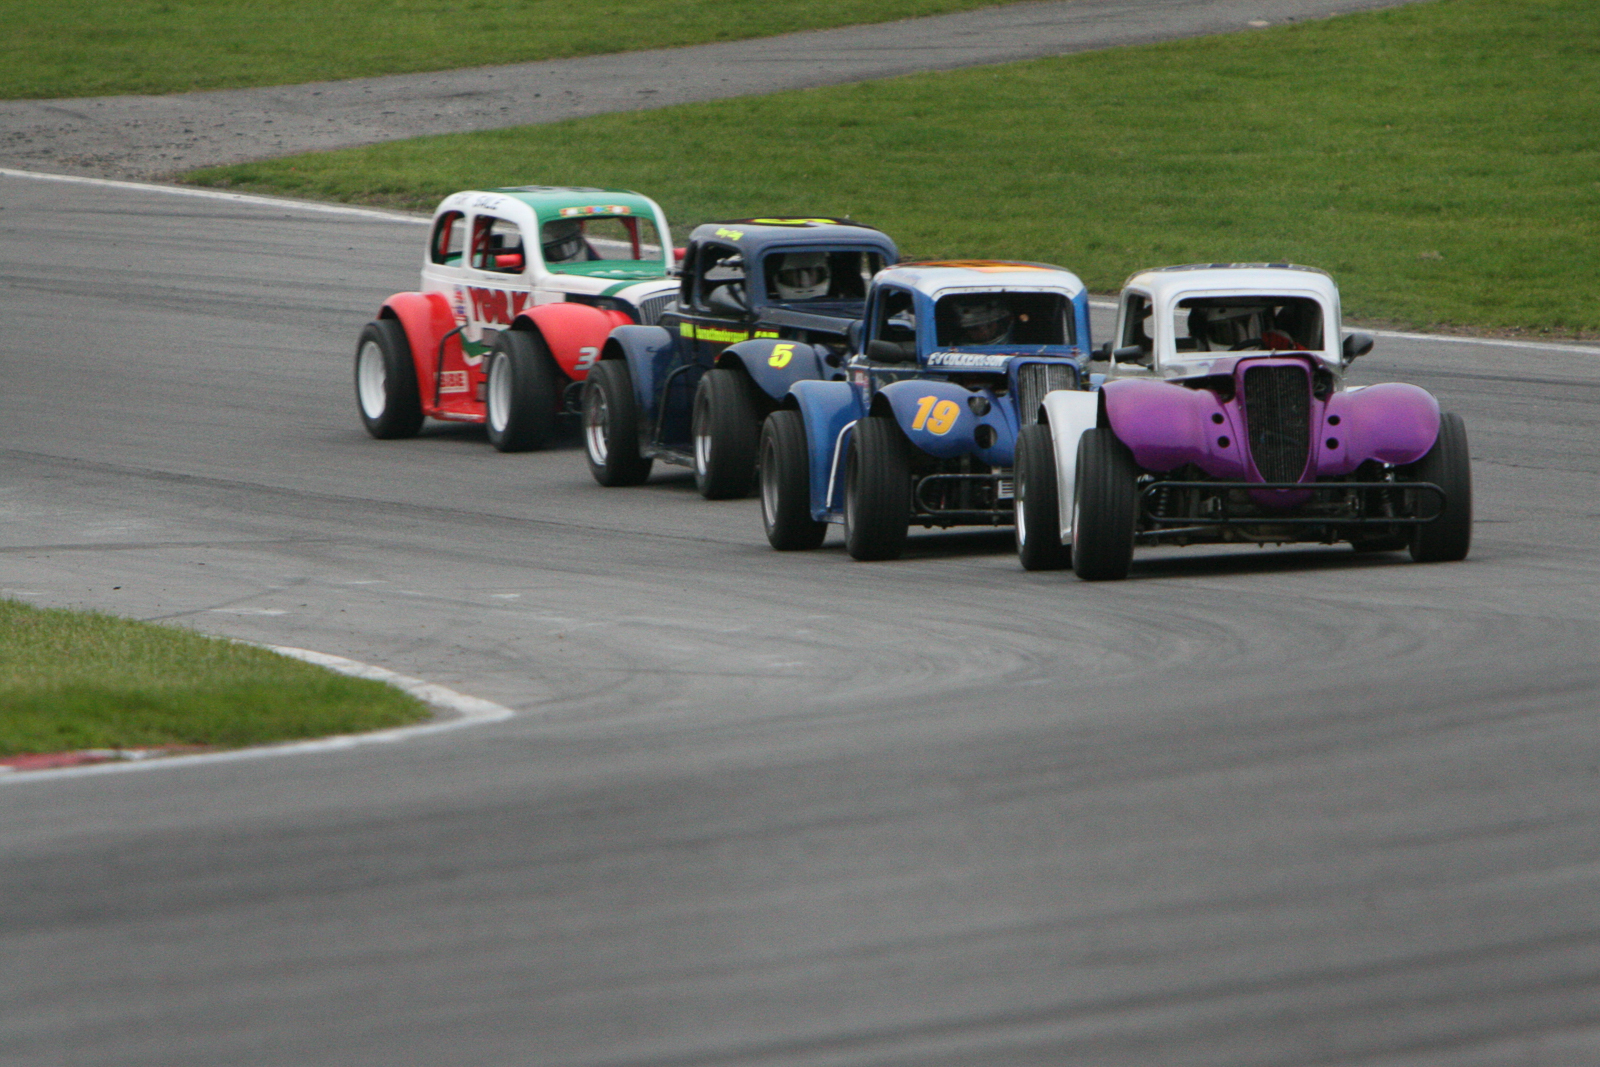 20071103 - Truck Racing Brands -071103 -057